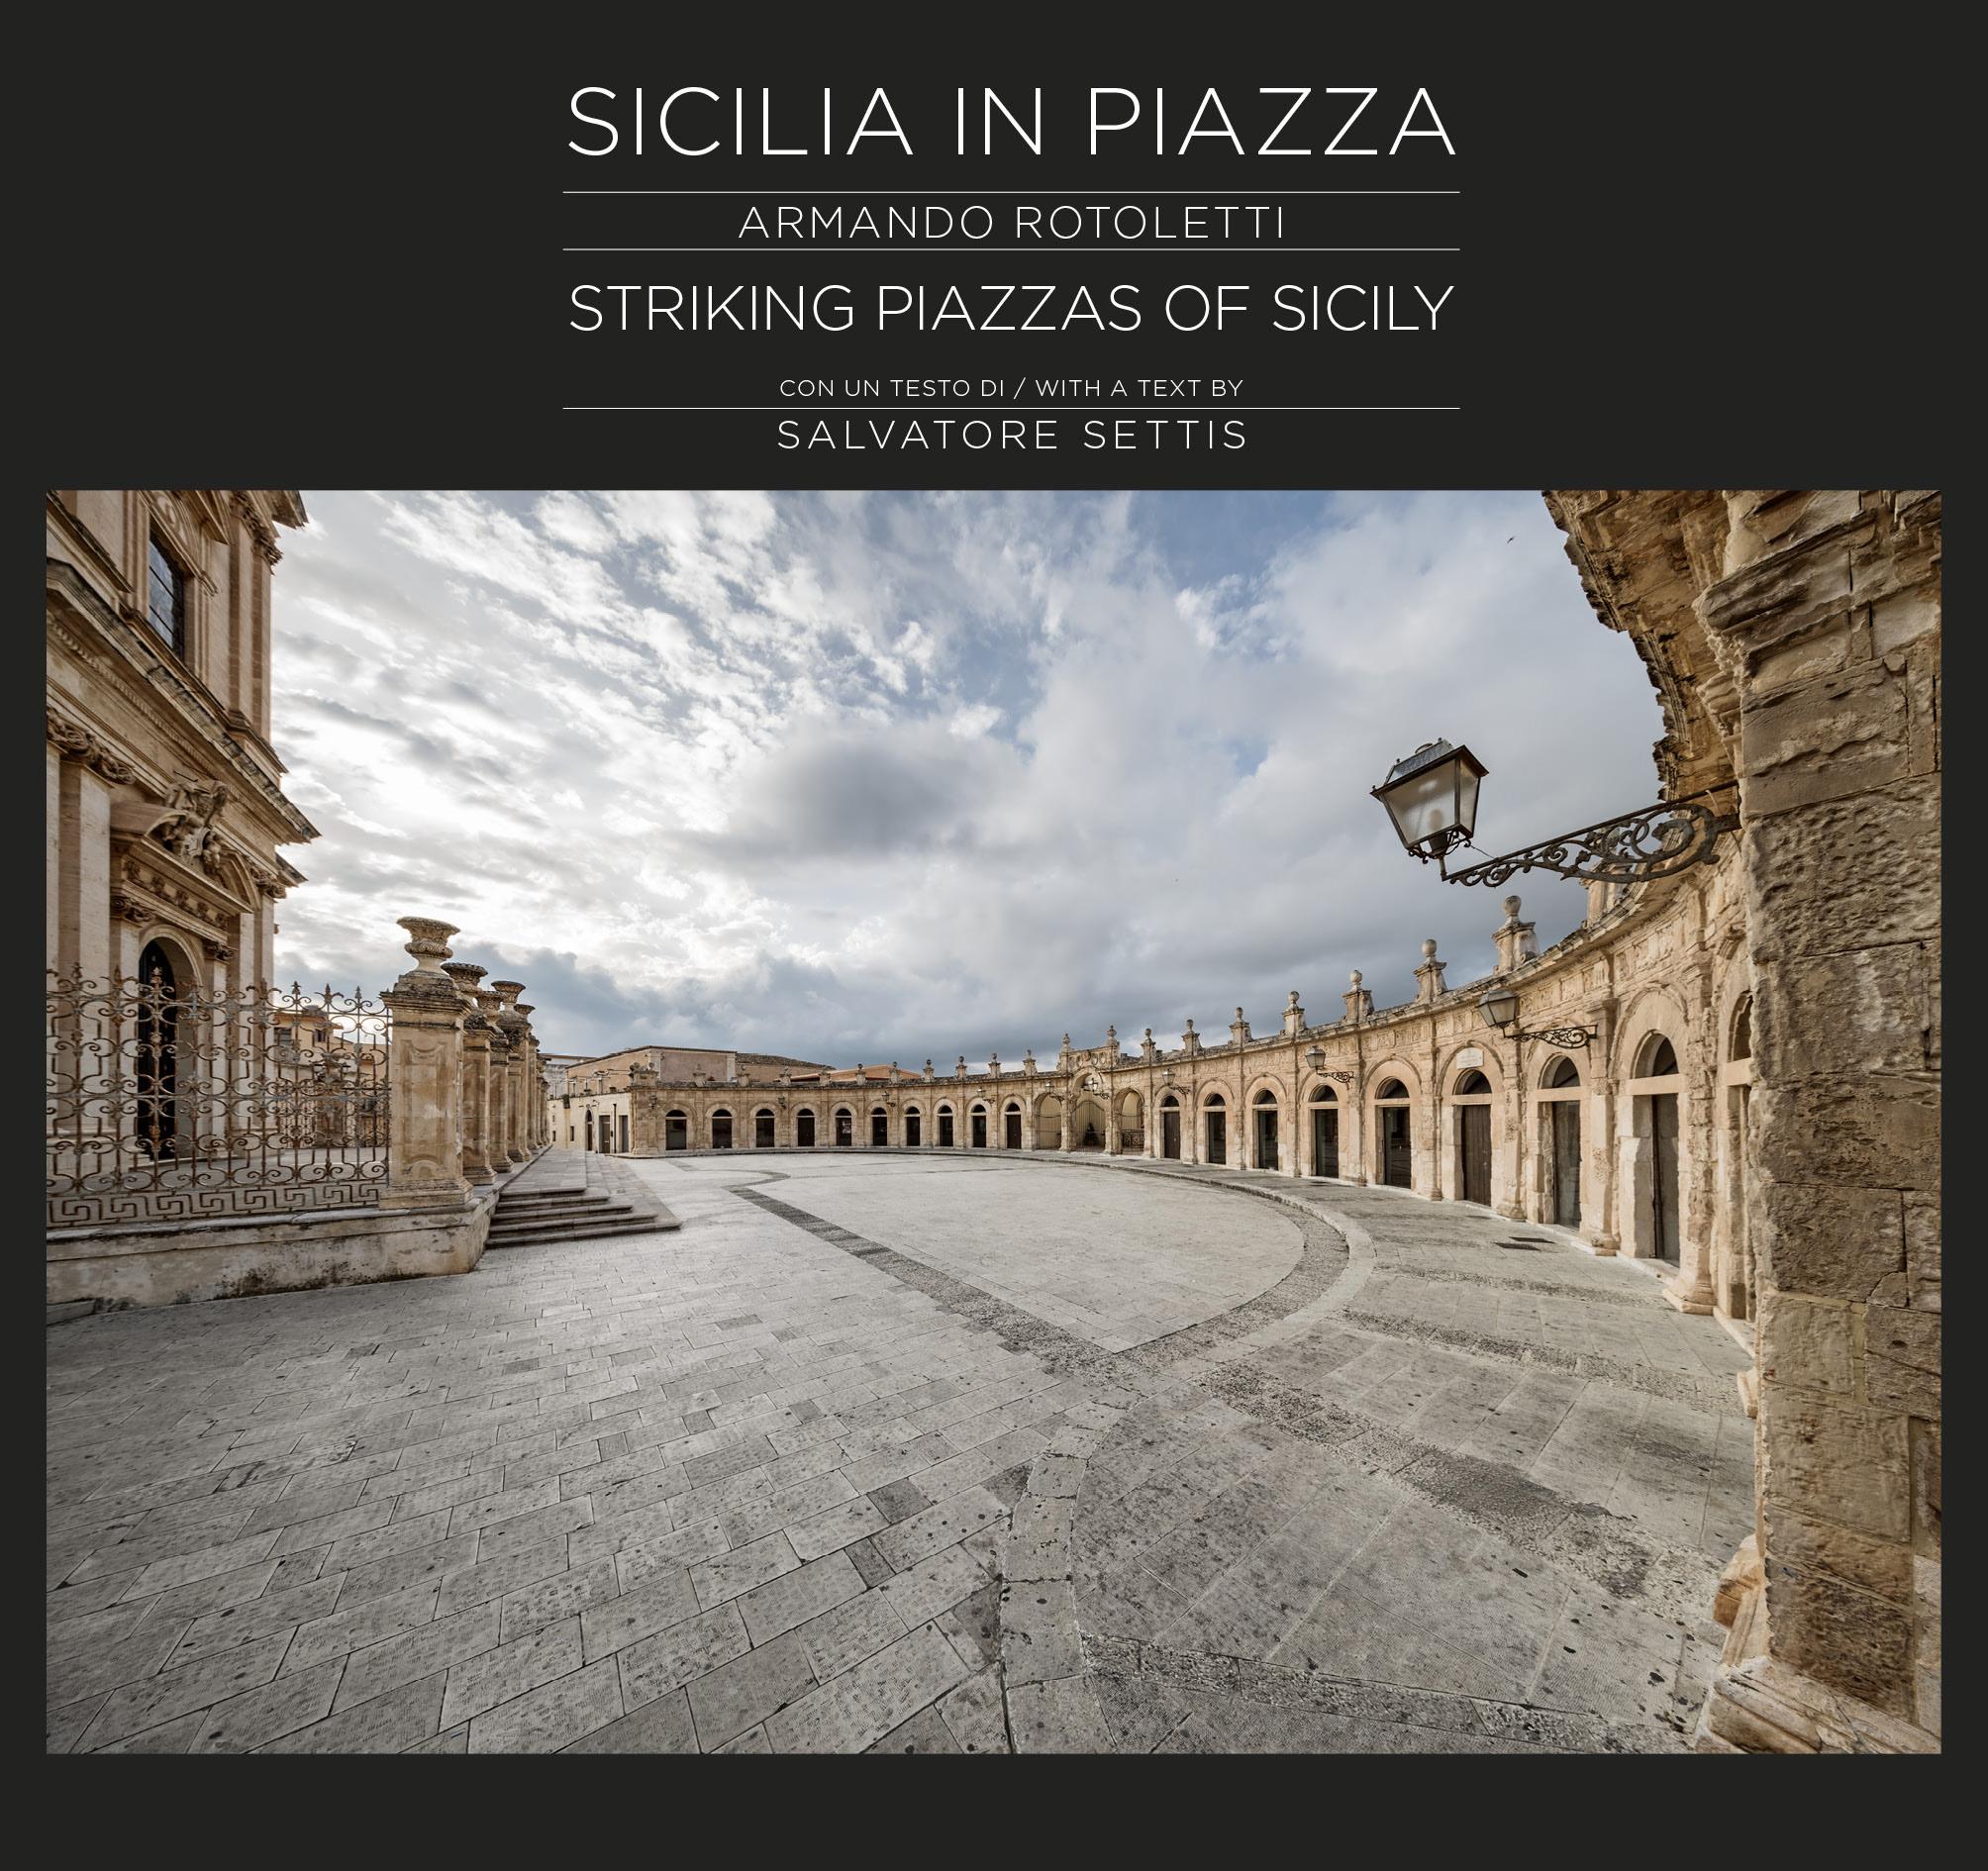 """Il giro della Sicilia in 82 piazze con """"Sicilia in Piazza"""" di Armando Rotoletti"""